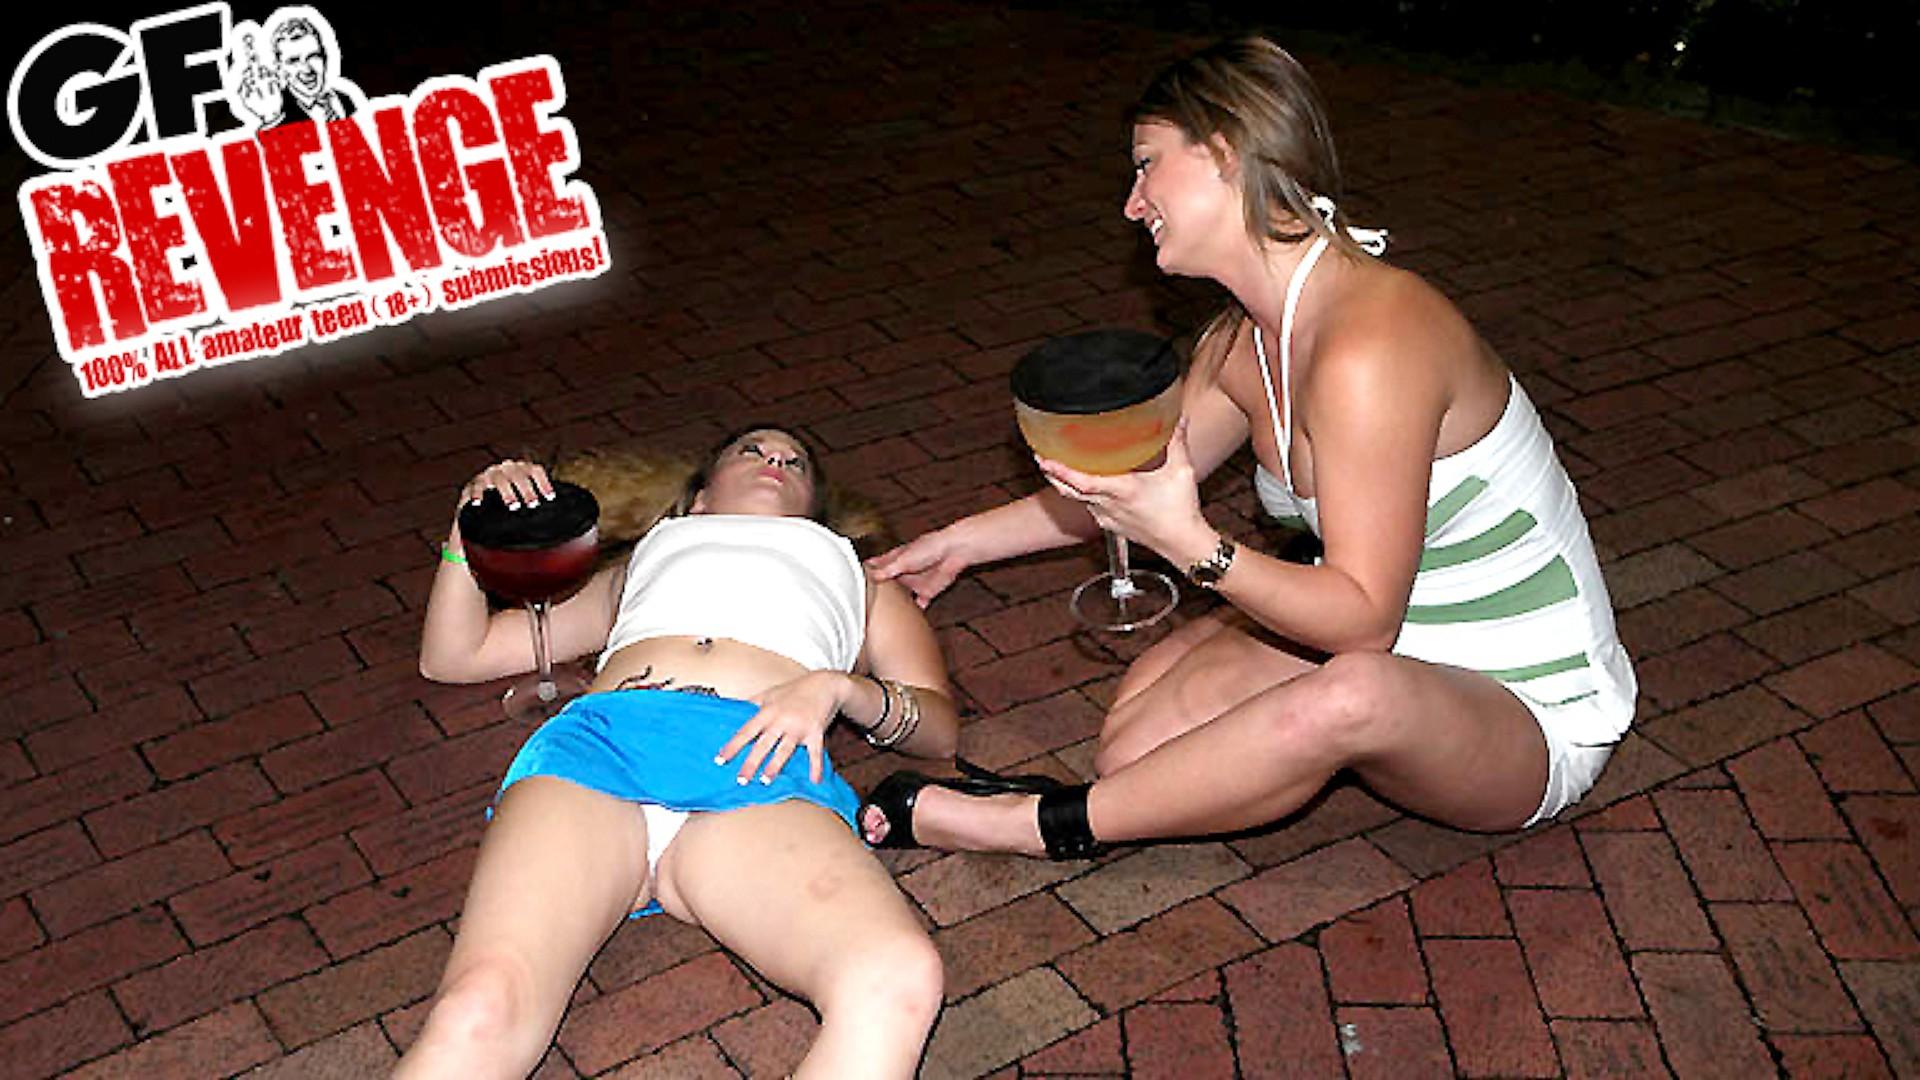 Party Girls - GF Revenge